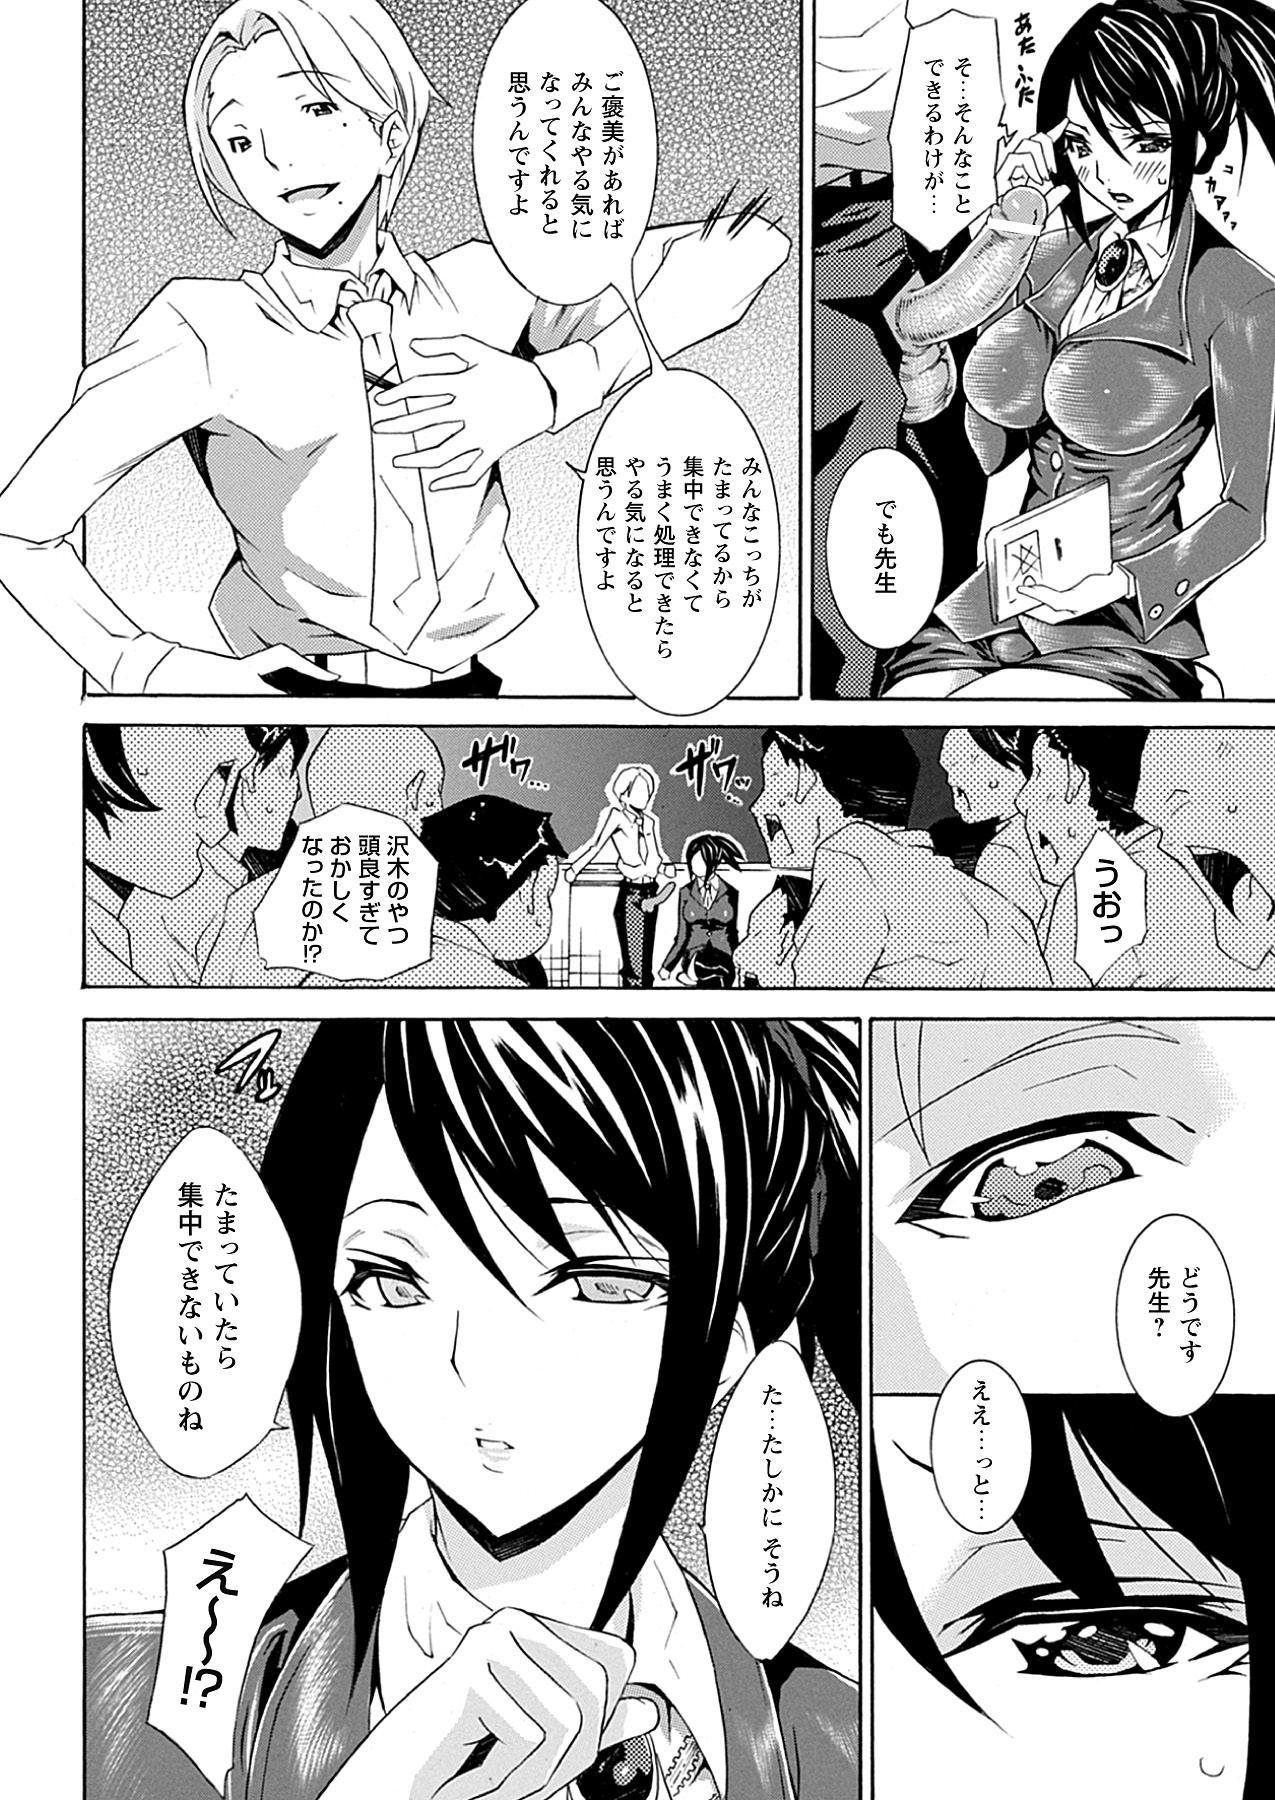 Seiin Shoujo 71